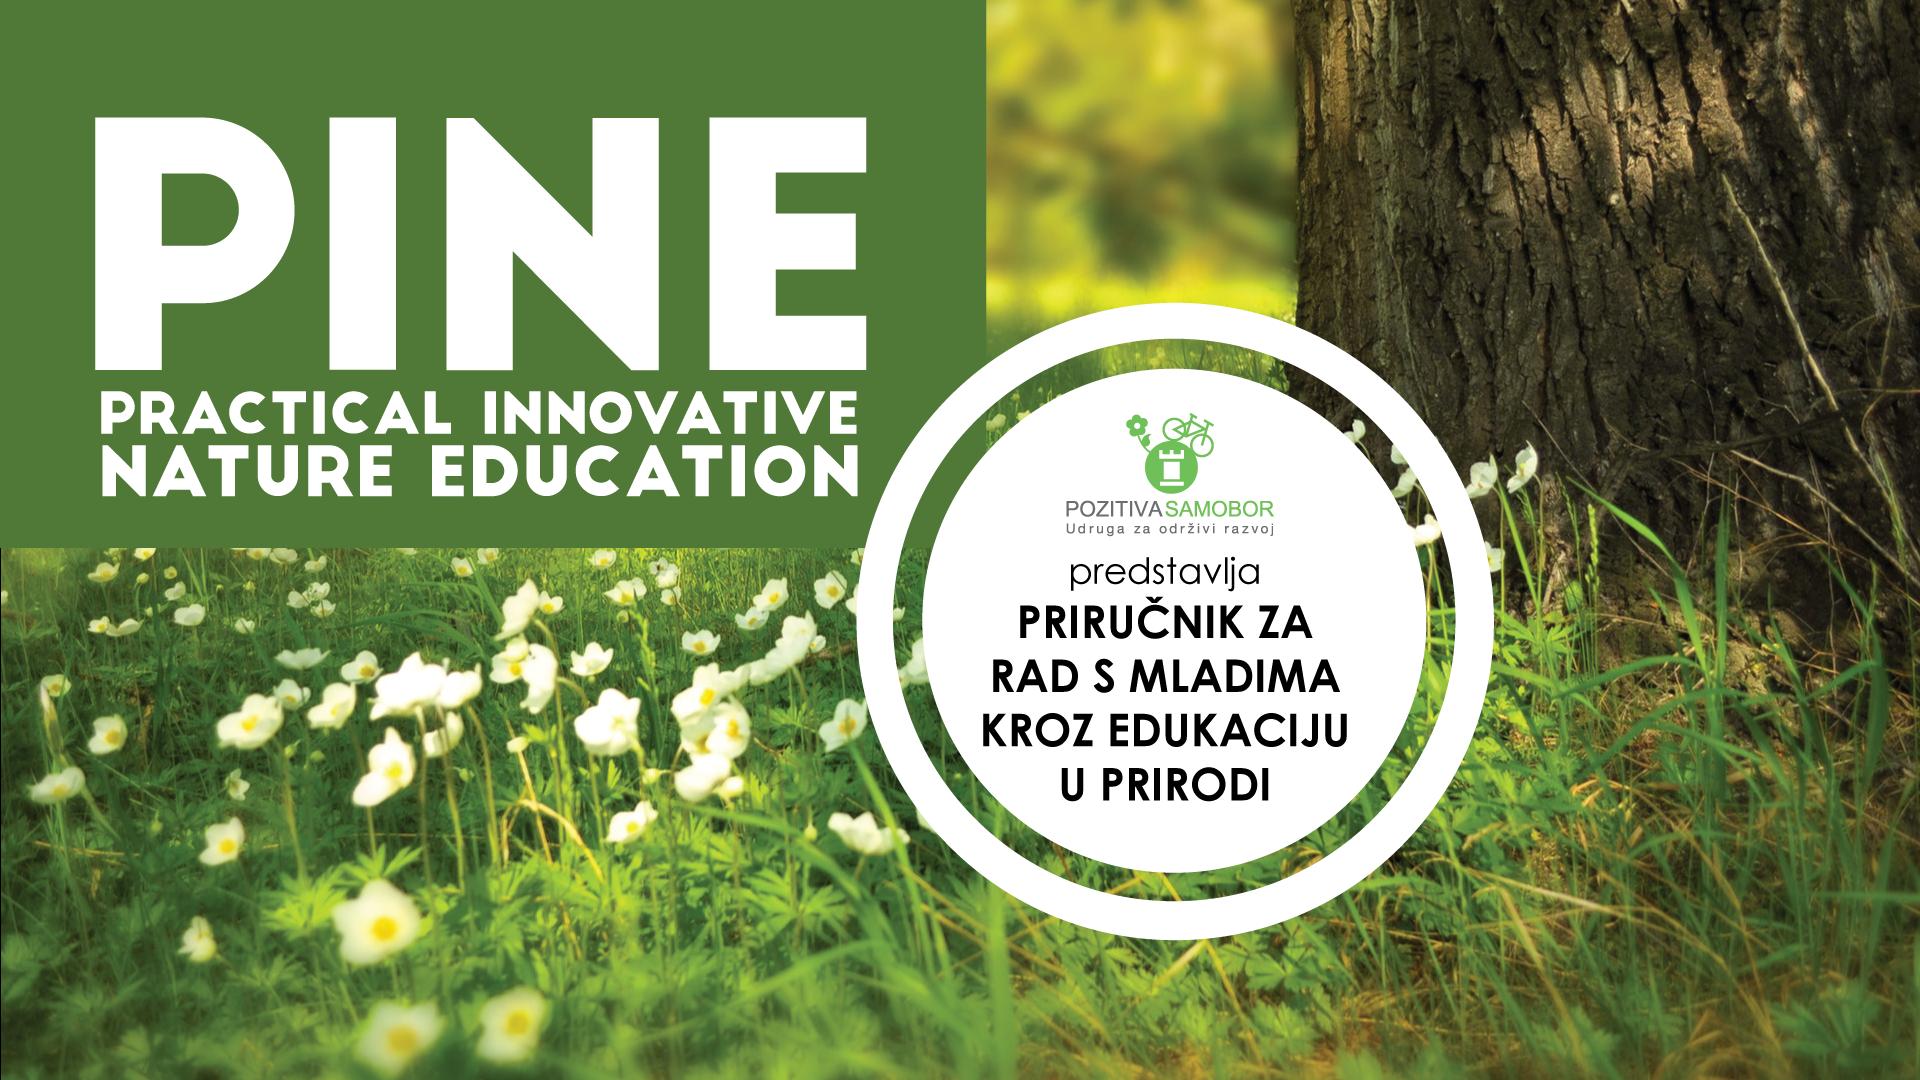 Tamo gdje se susreću priroda i neformalno obrazovanje